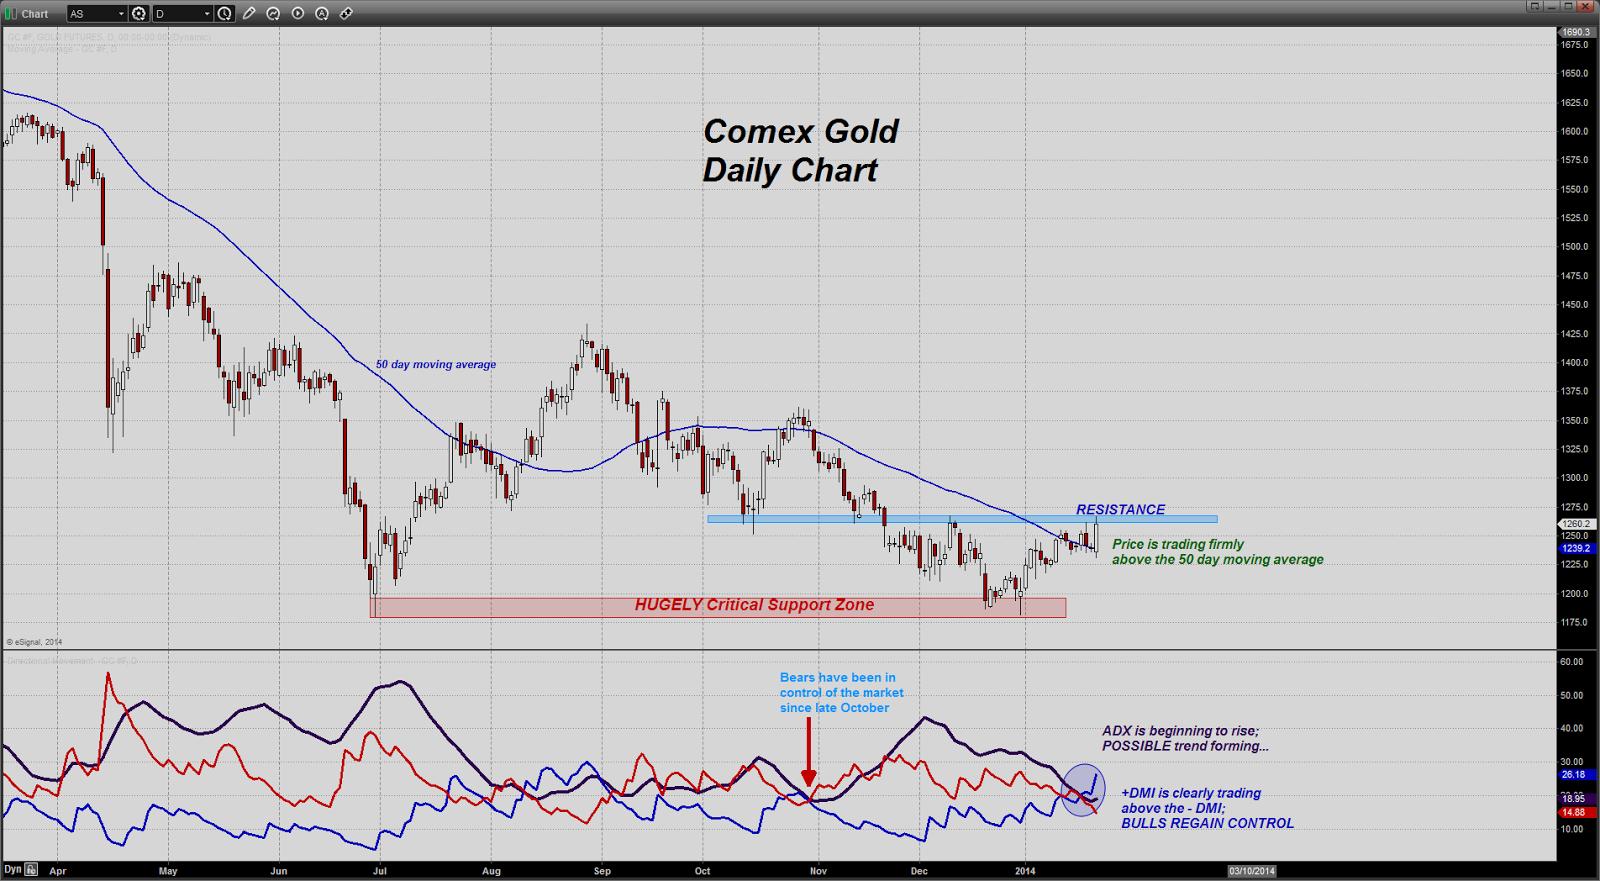 prix de l'or, de l'argent et des minières / suivi quotidien en clôture - Page 9 Chart20140123083856